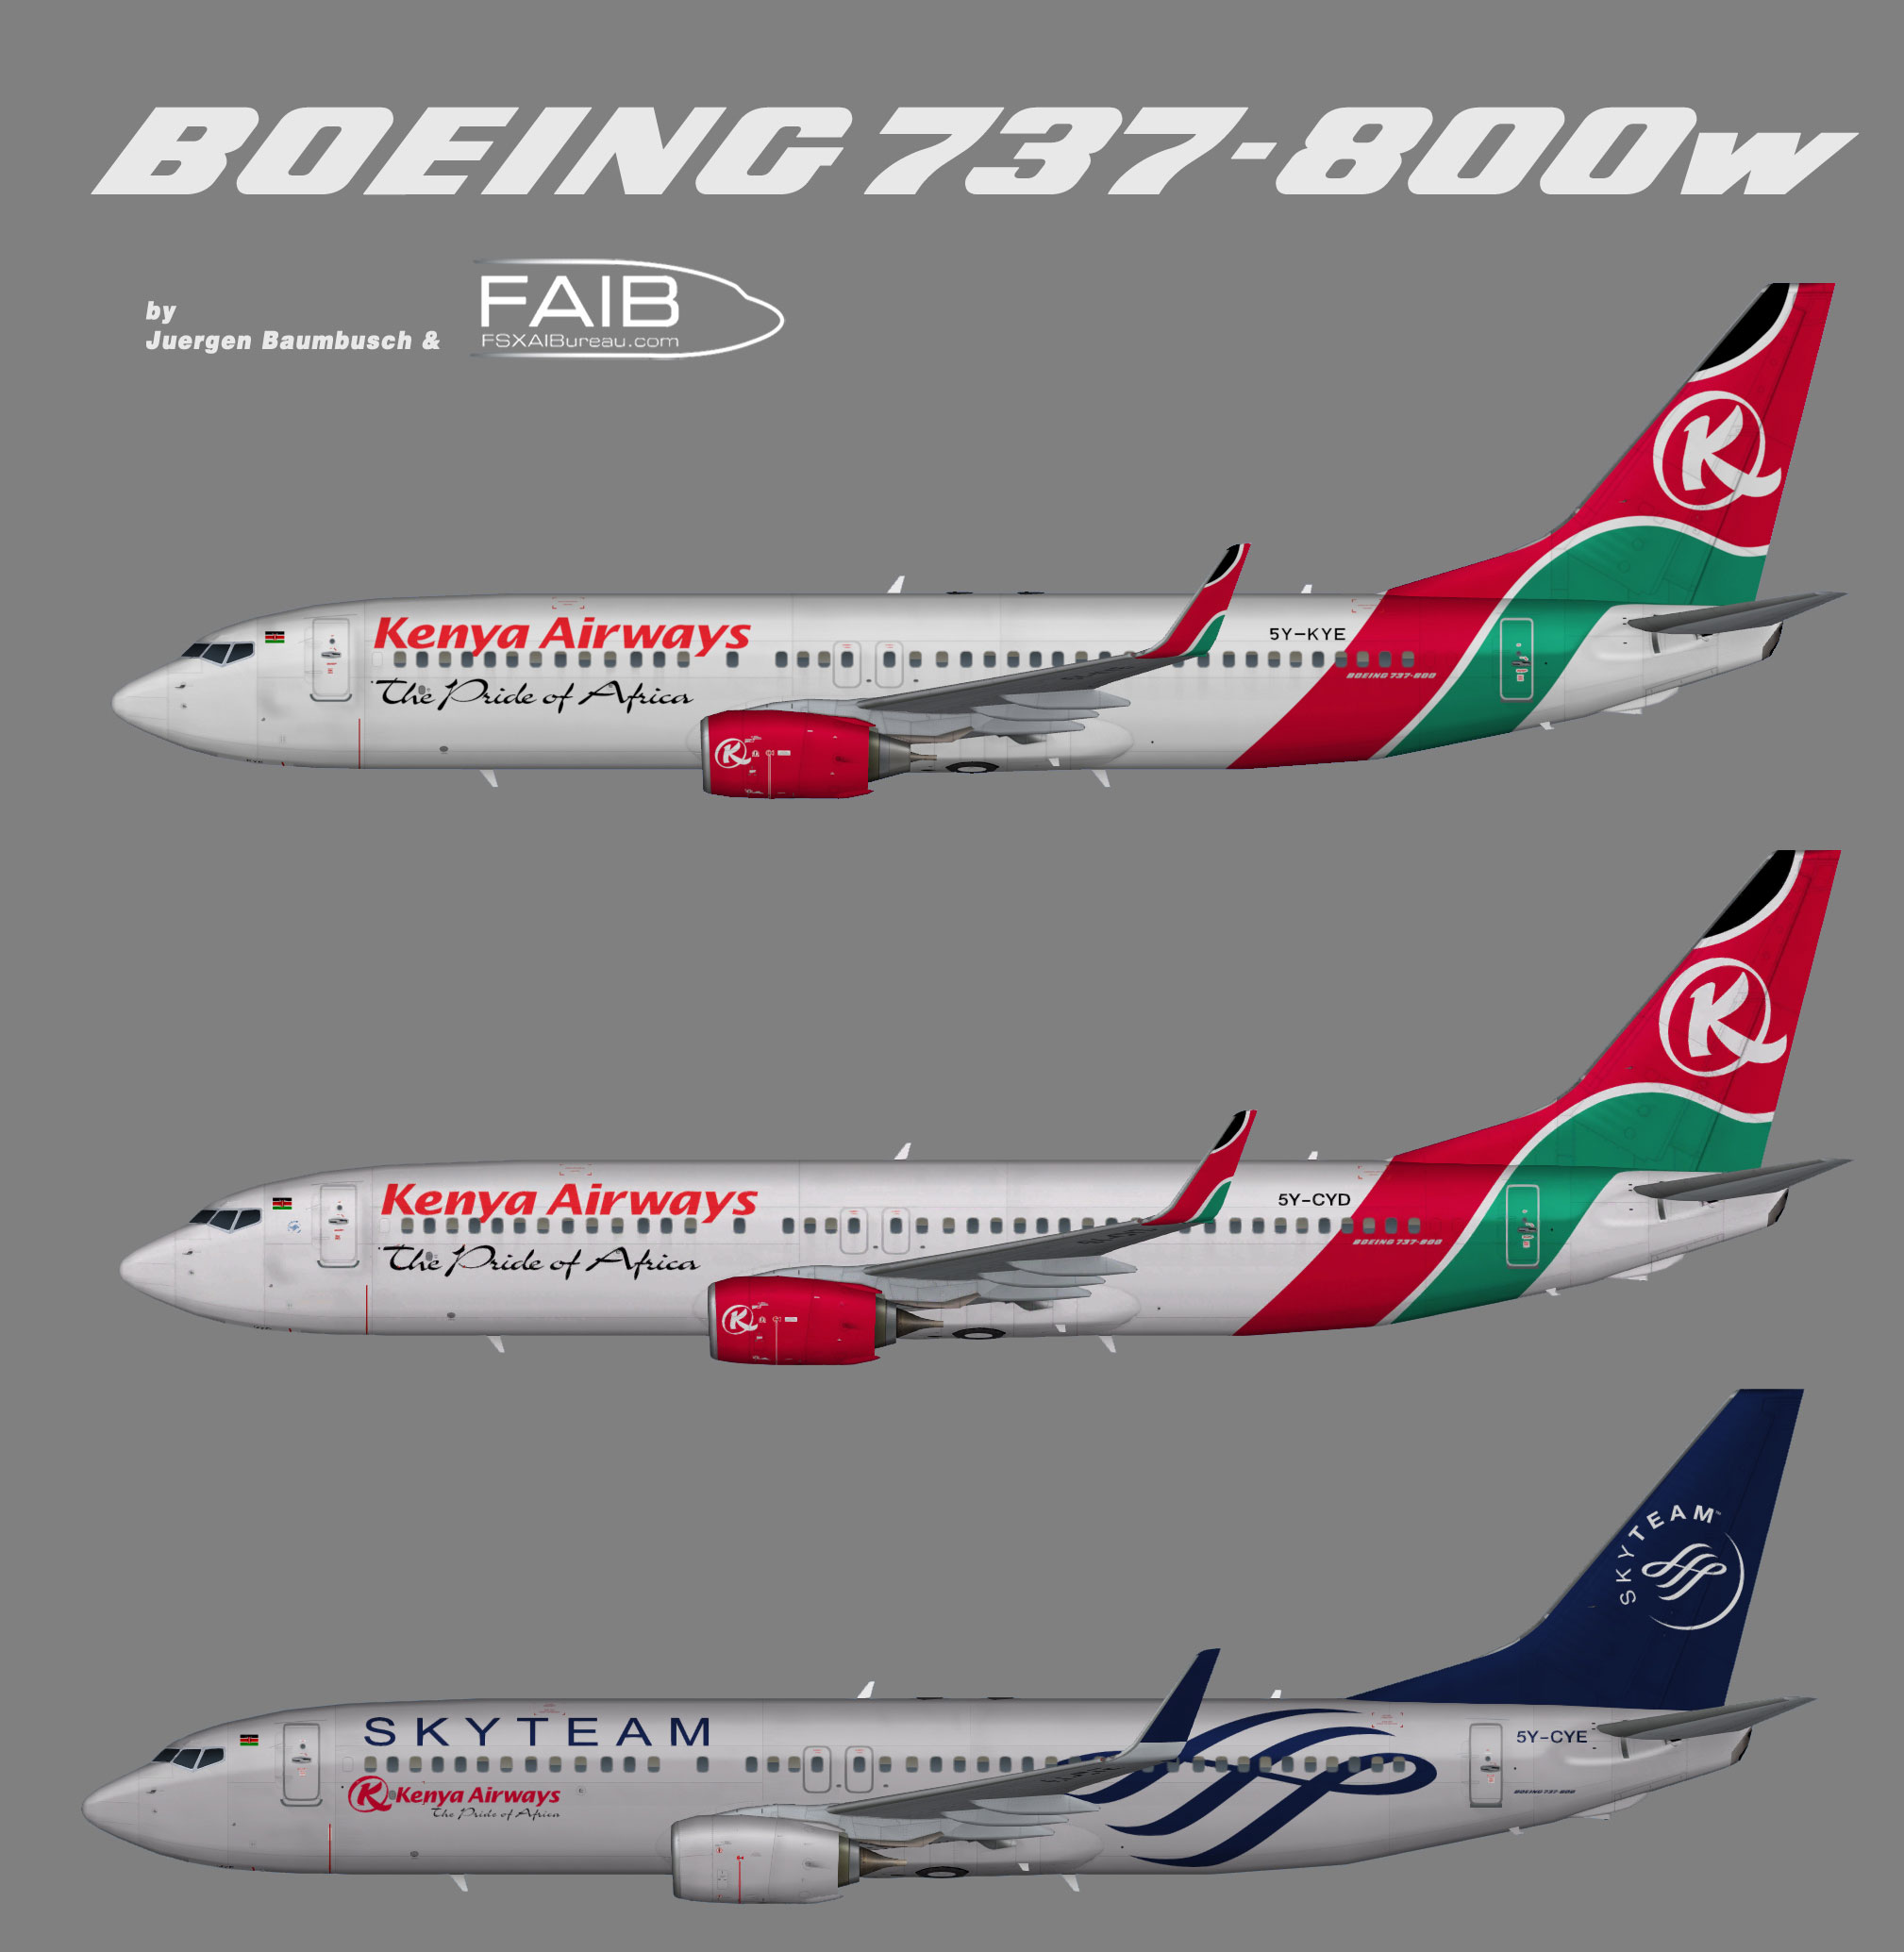 Kenya Airways Boeing 737-800w